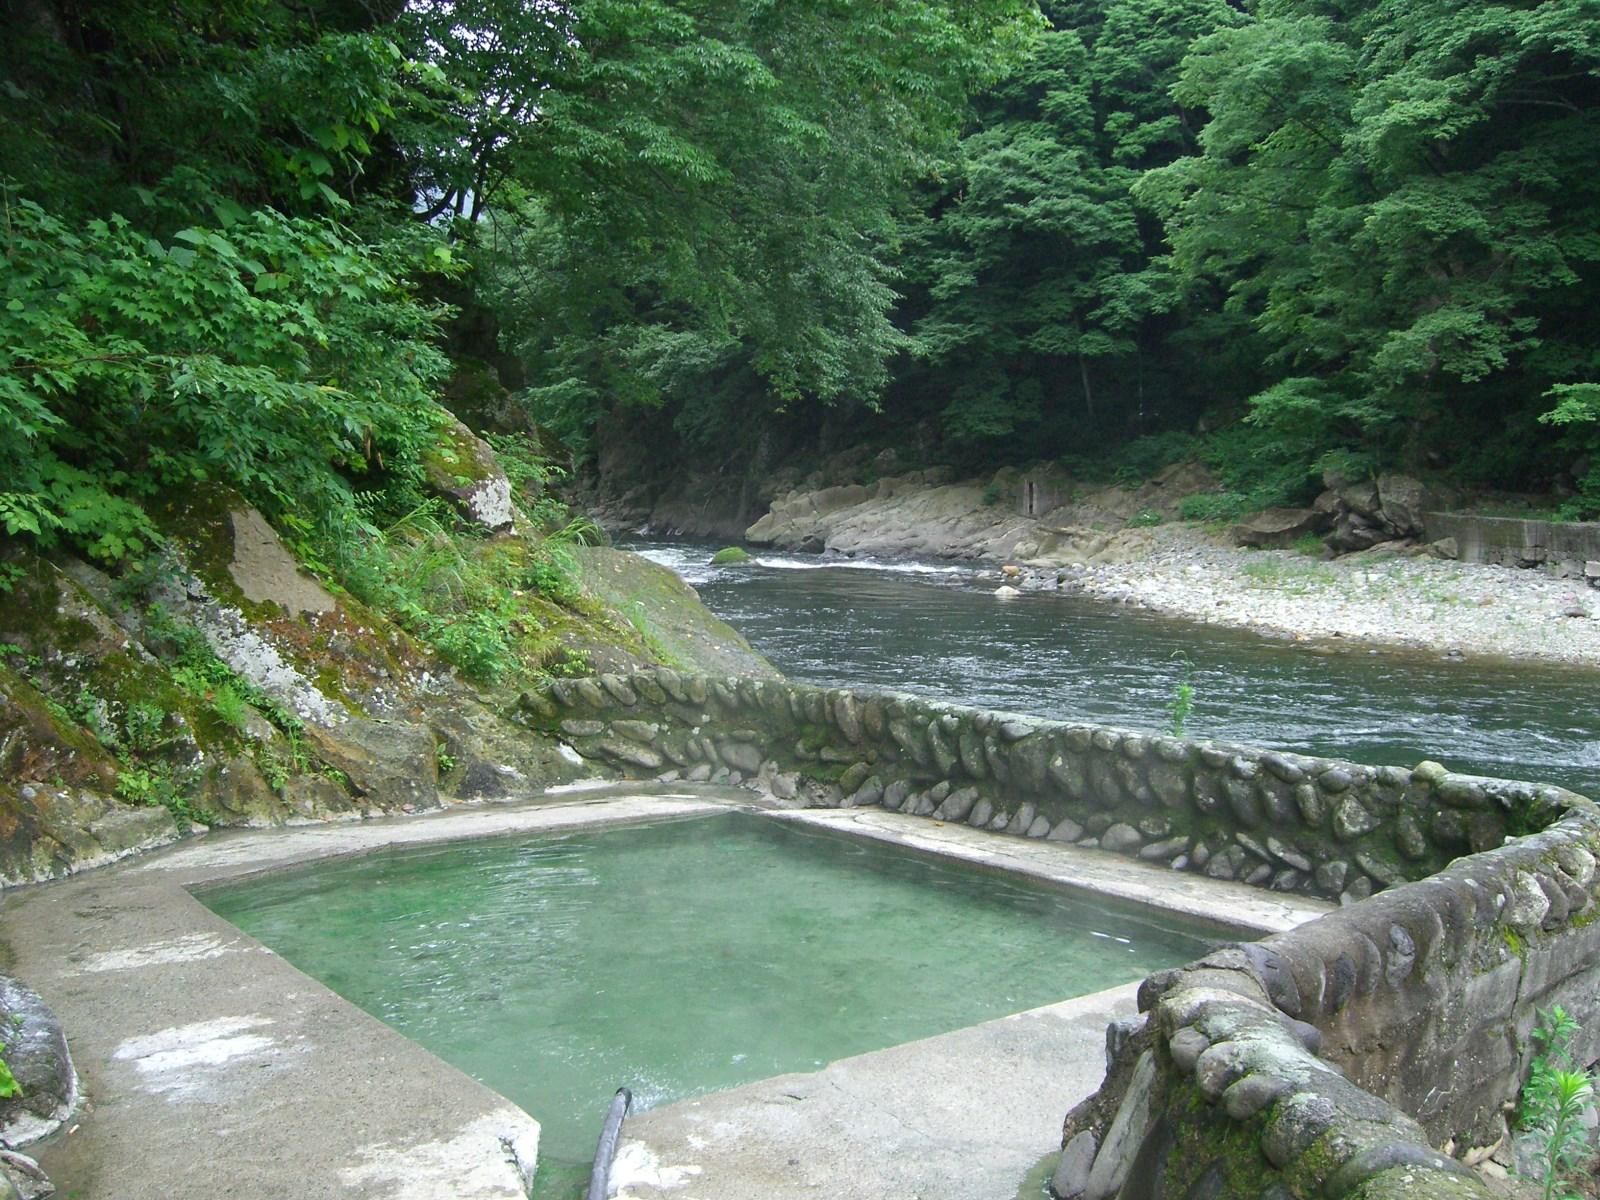 今は無くなってしまった温泉 湯野上温泉 河原の露天風呂【福島県の温泉】